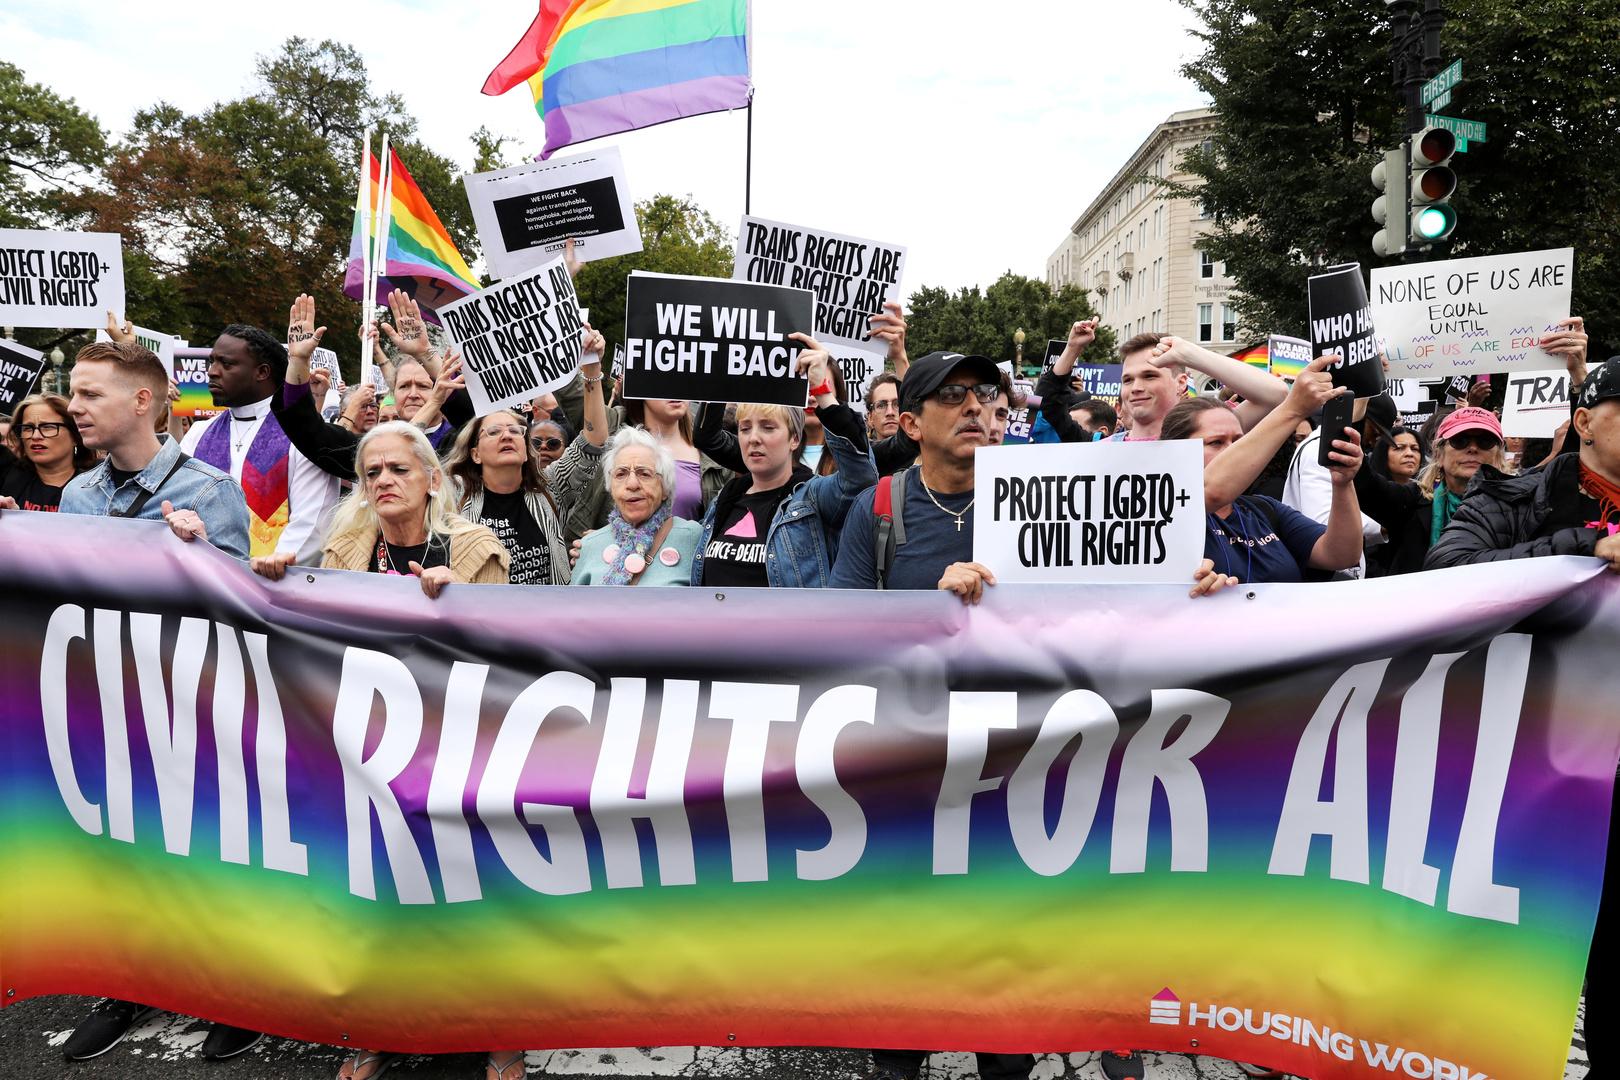 عادت أمريكا للدفاع عن المثليين